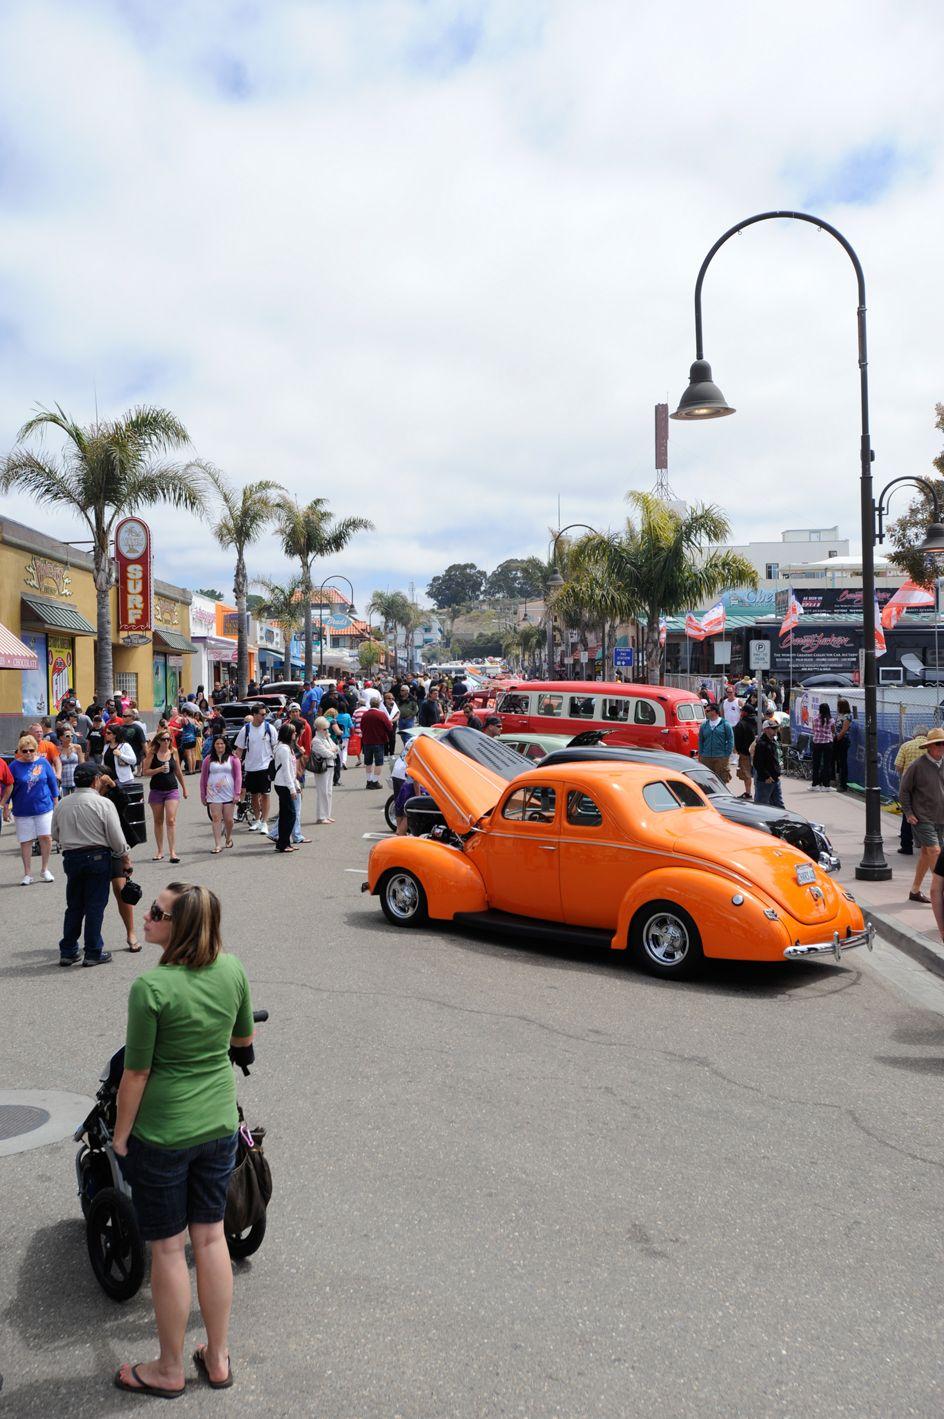 Pismo Beach Annual Classic Car Show The Classic Brings In - Classic car show pismo beach